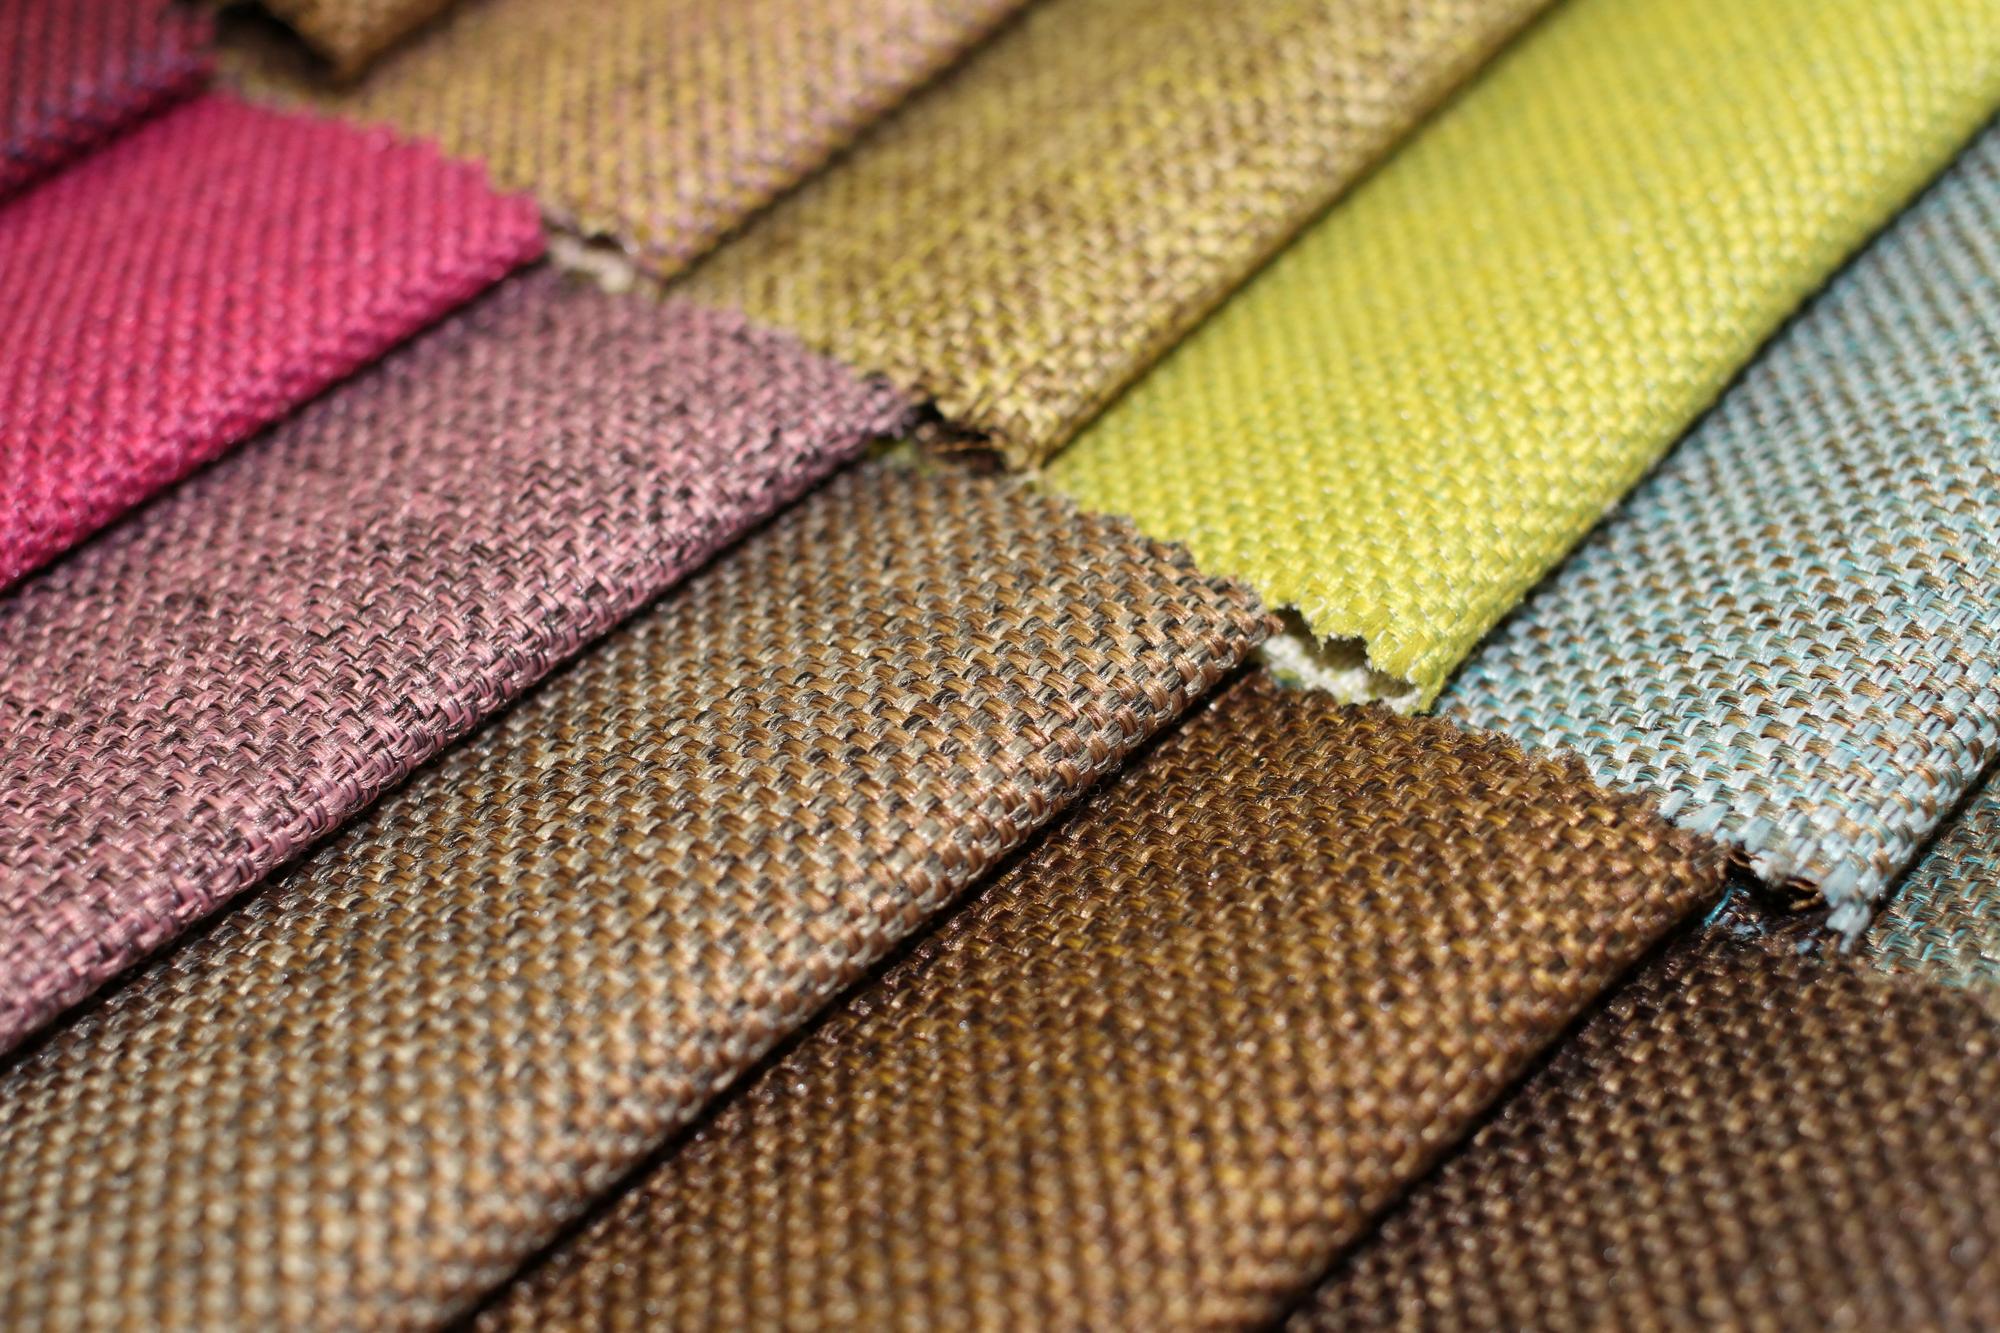 Ткань рогожка - свойства и применение в текстиле дома